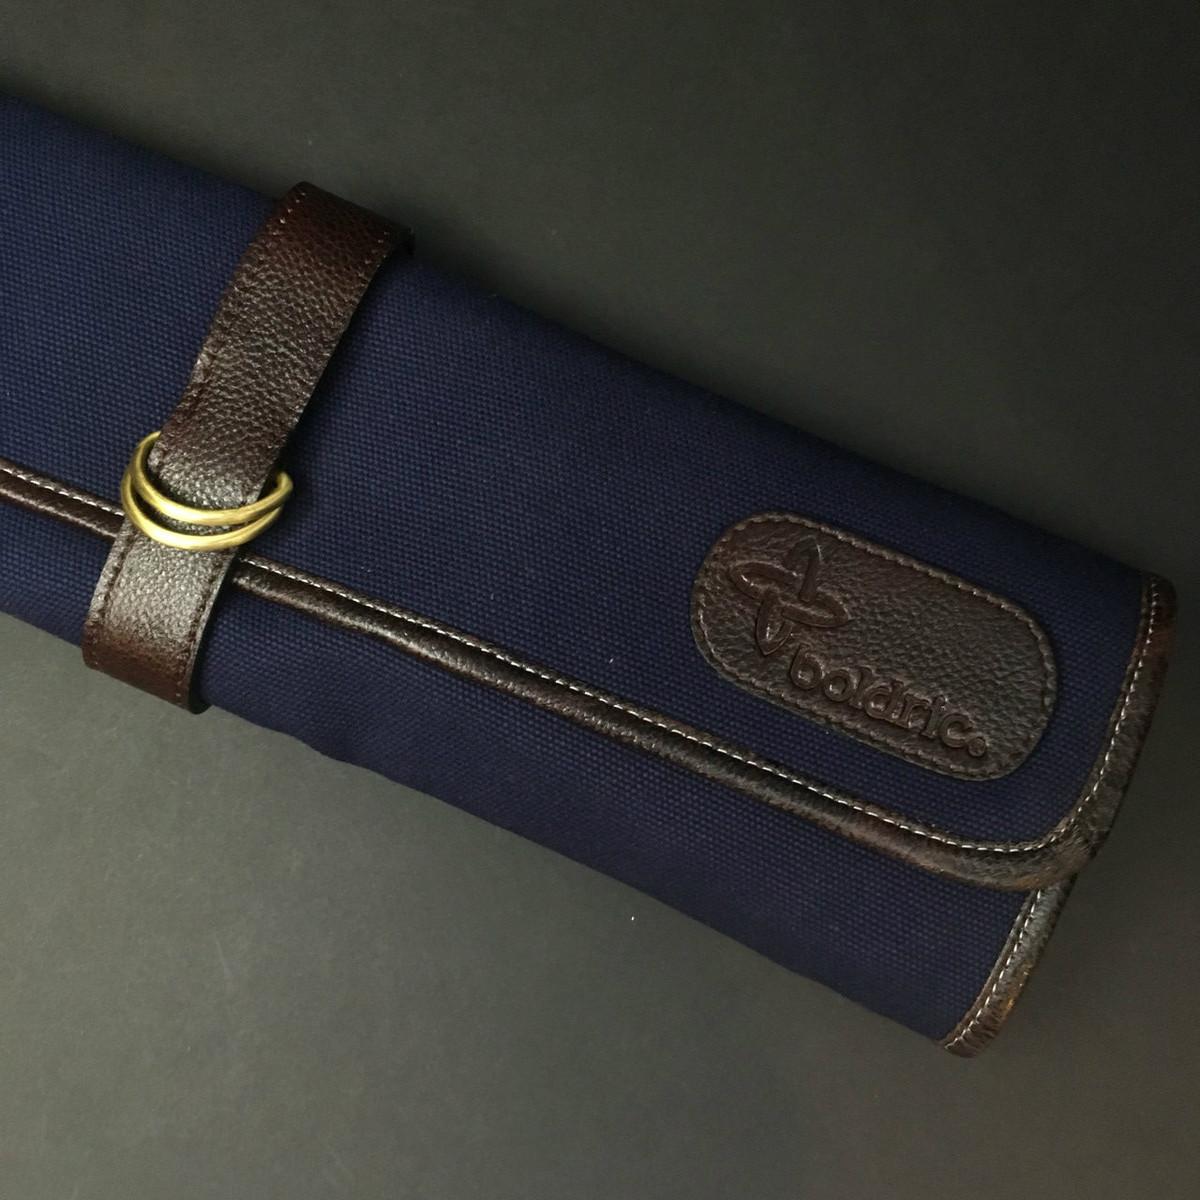 Boldric - 7 pocket - Navy